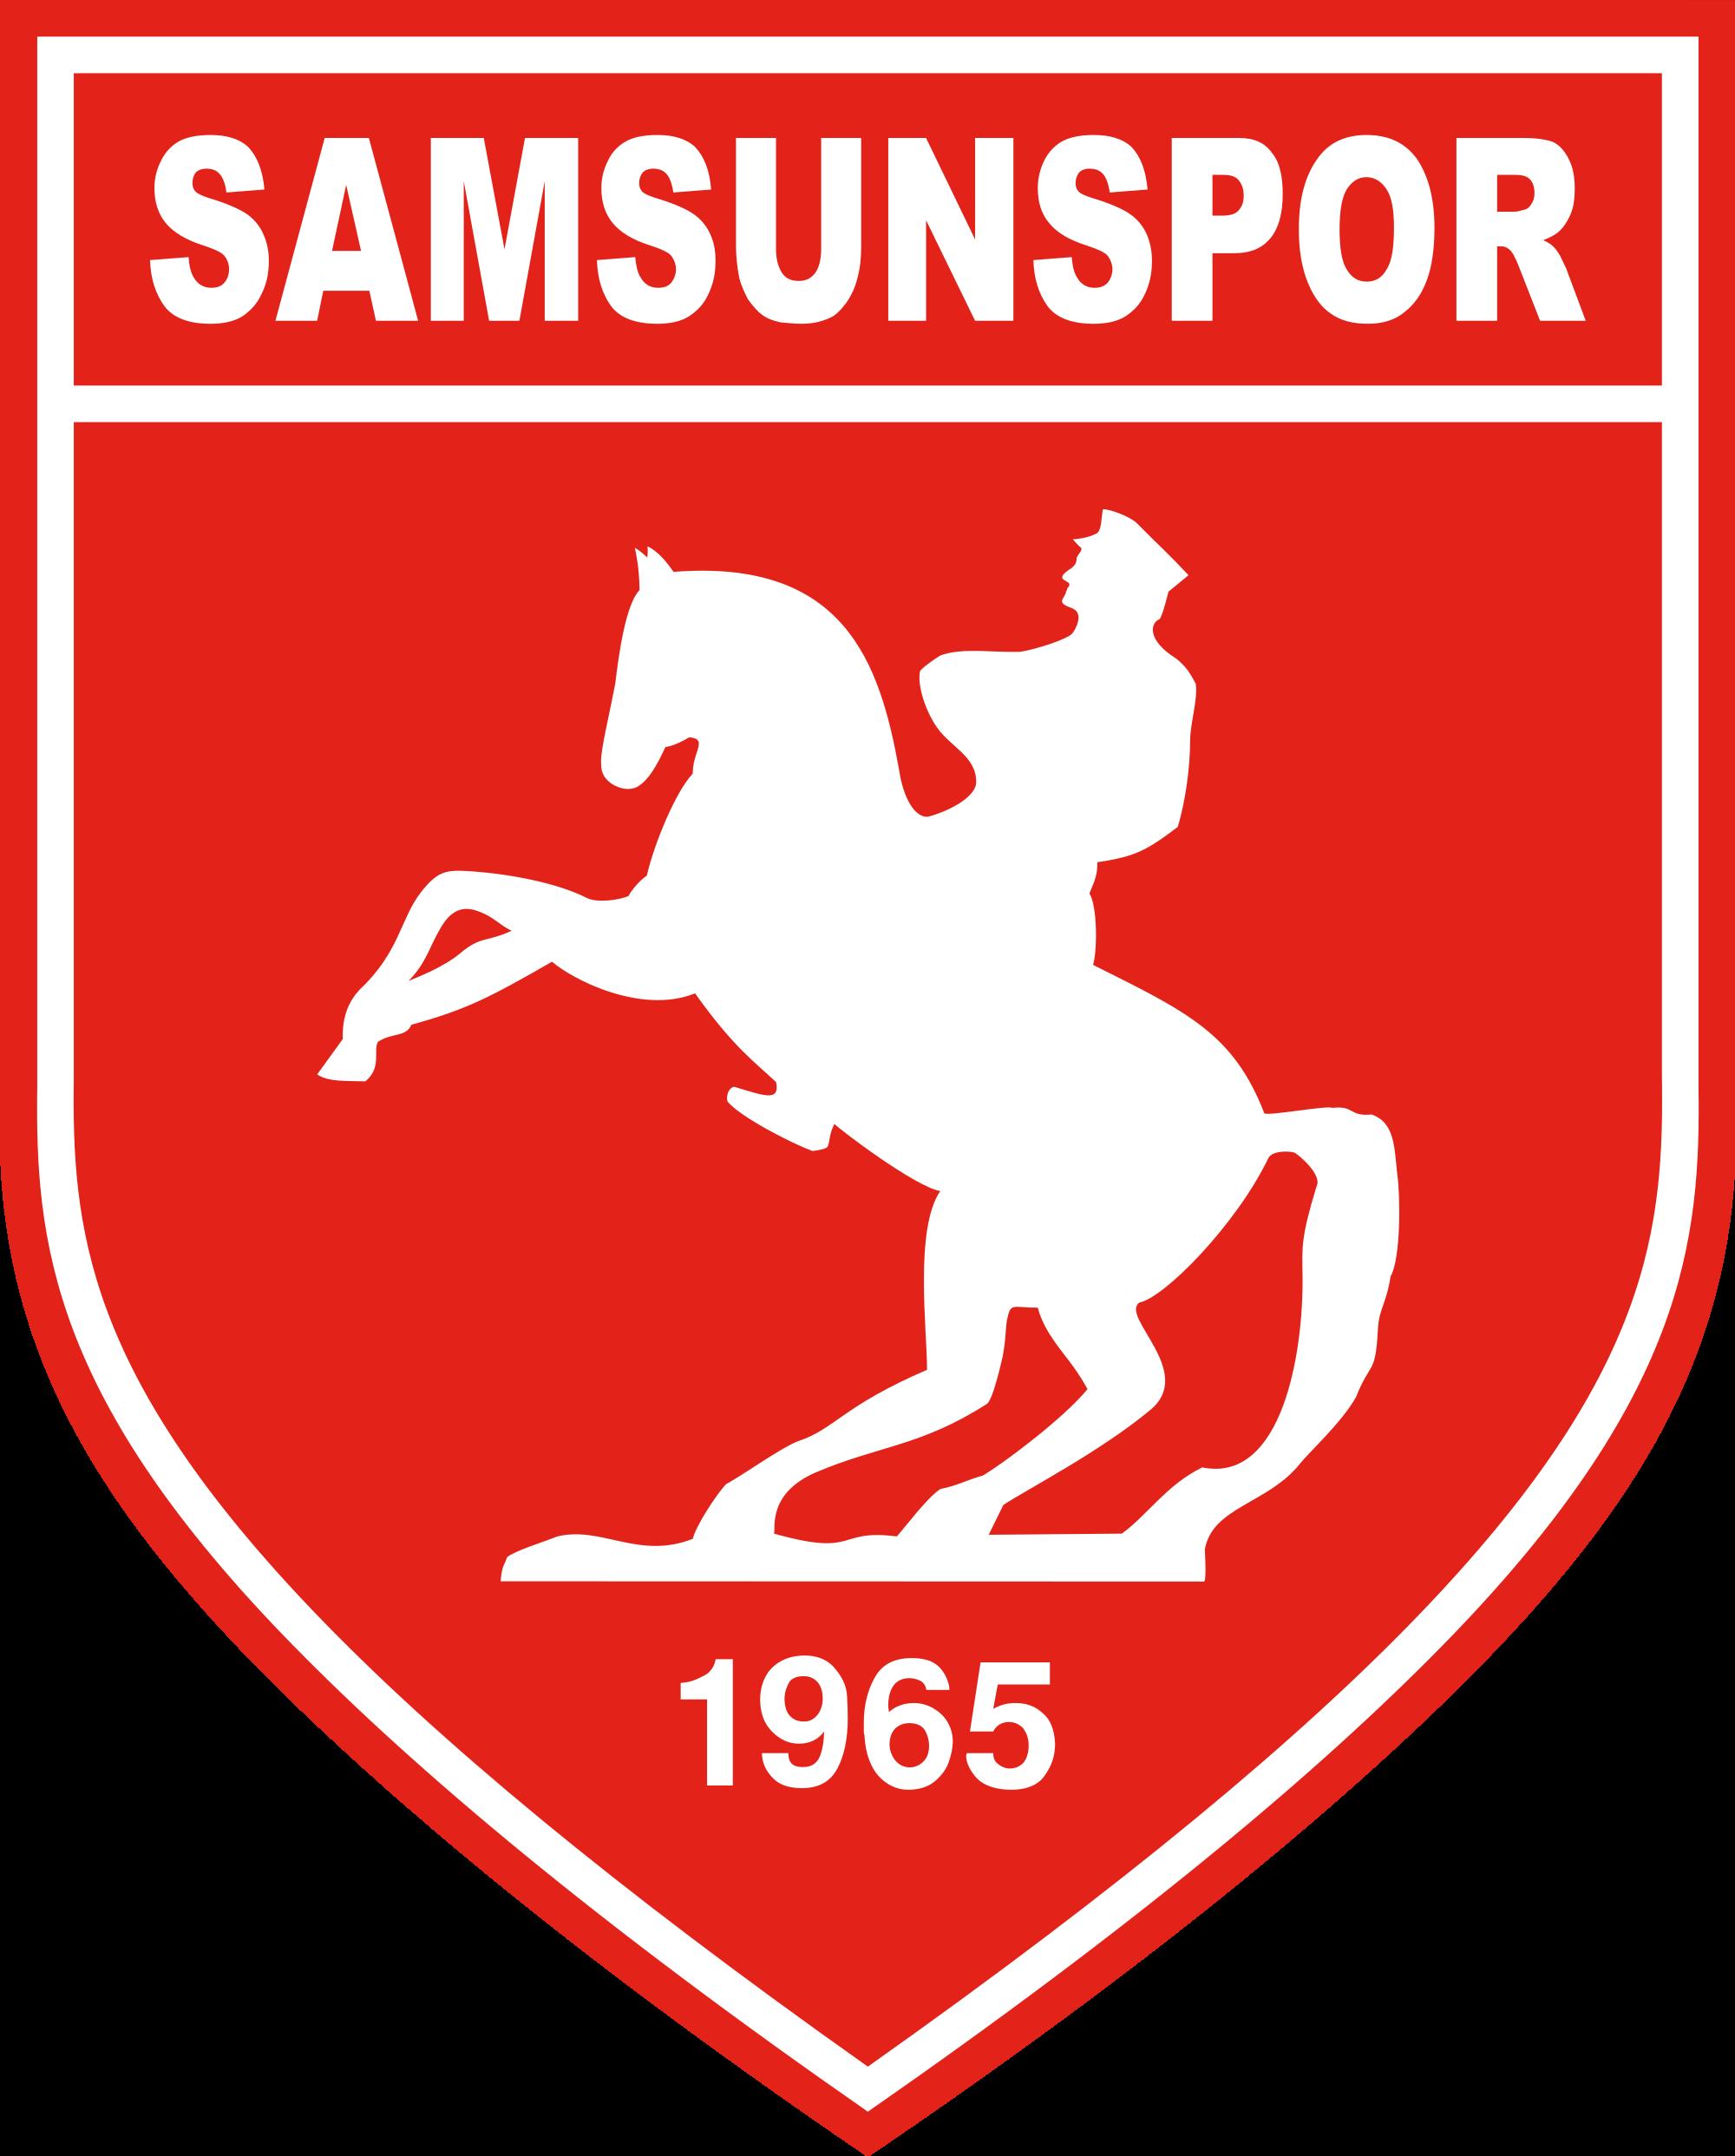 https://upload.wikimedia.org/wikipedia/tr/d/d0/Samsunspor_Kul%C3%BCb%C3%BC_Logosu.png